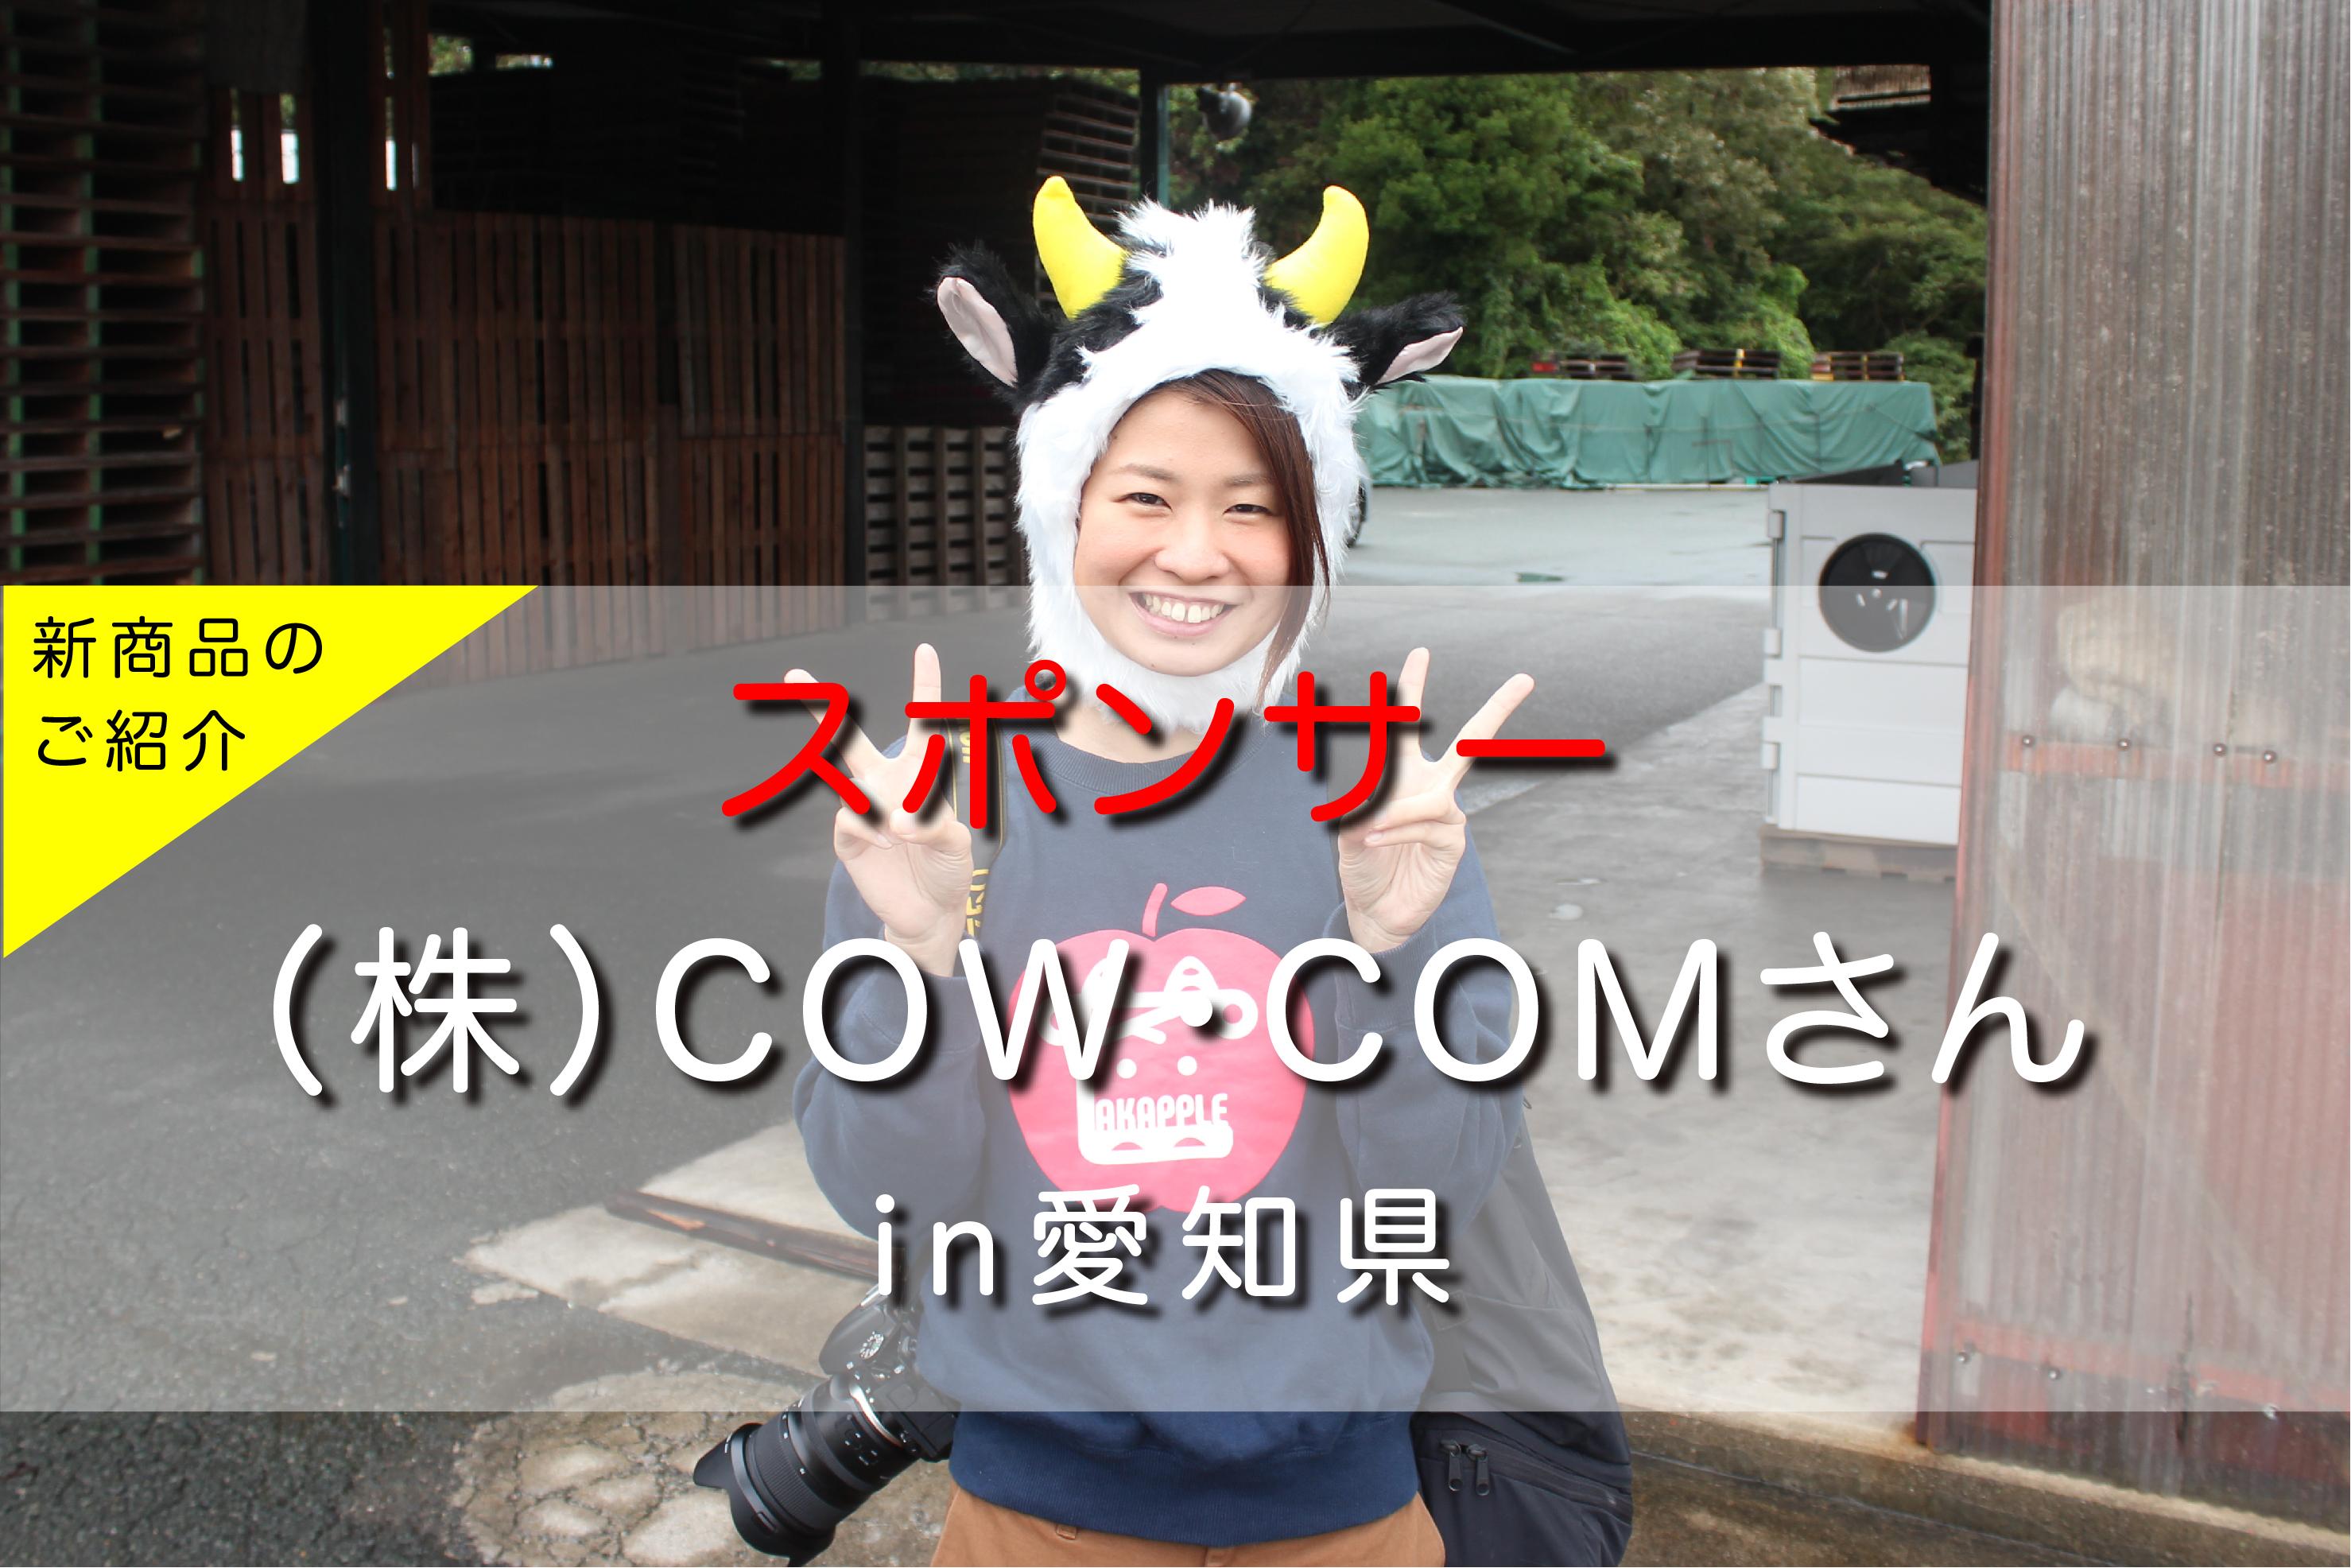 新商品を「あかっぷる」が牛になりきってご紹介。|日本一周農家旅 COW・COM(カウコン) in 愛知県豊橋